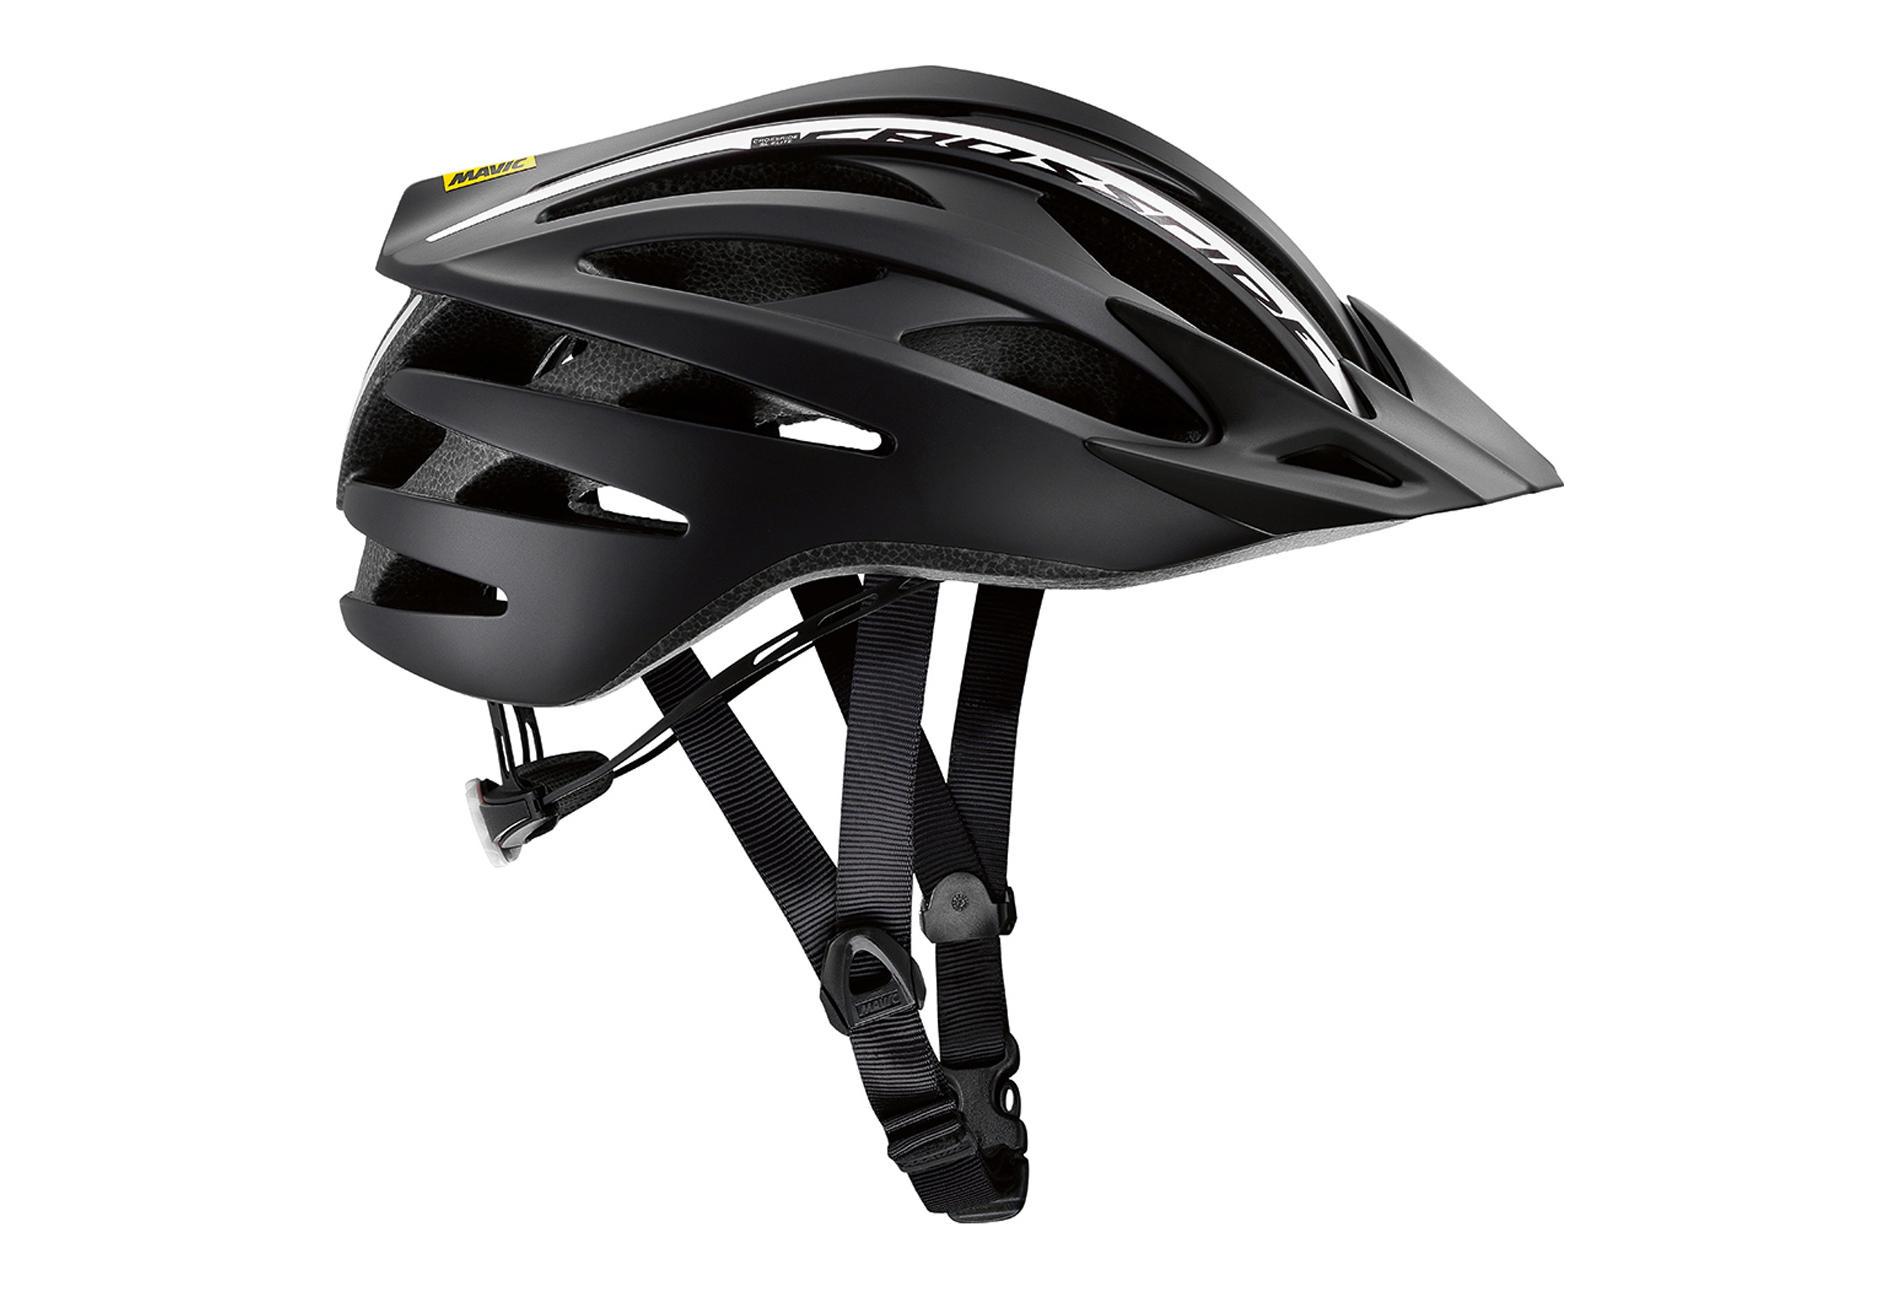 9f3a9d557d2 Mavic Crossride SL Elite MTB Helmet Black 2016 | Alltricks.com